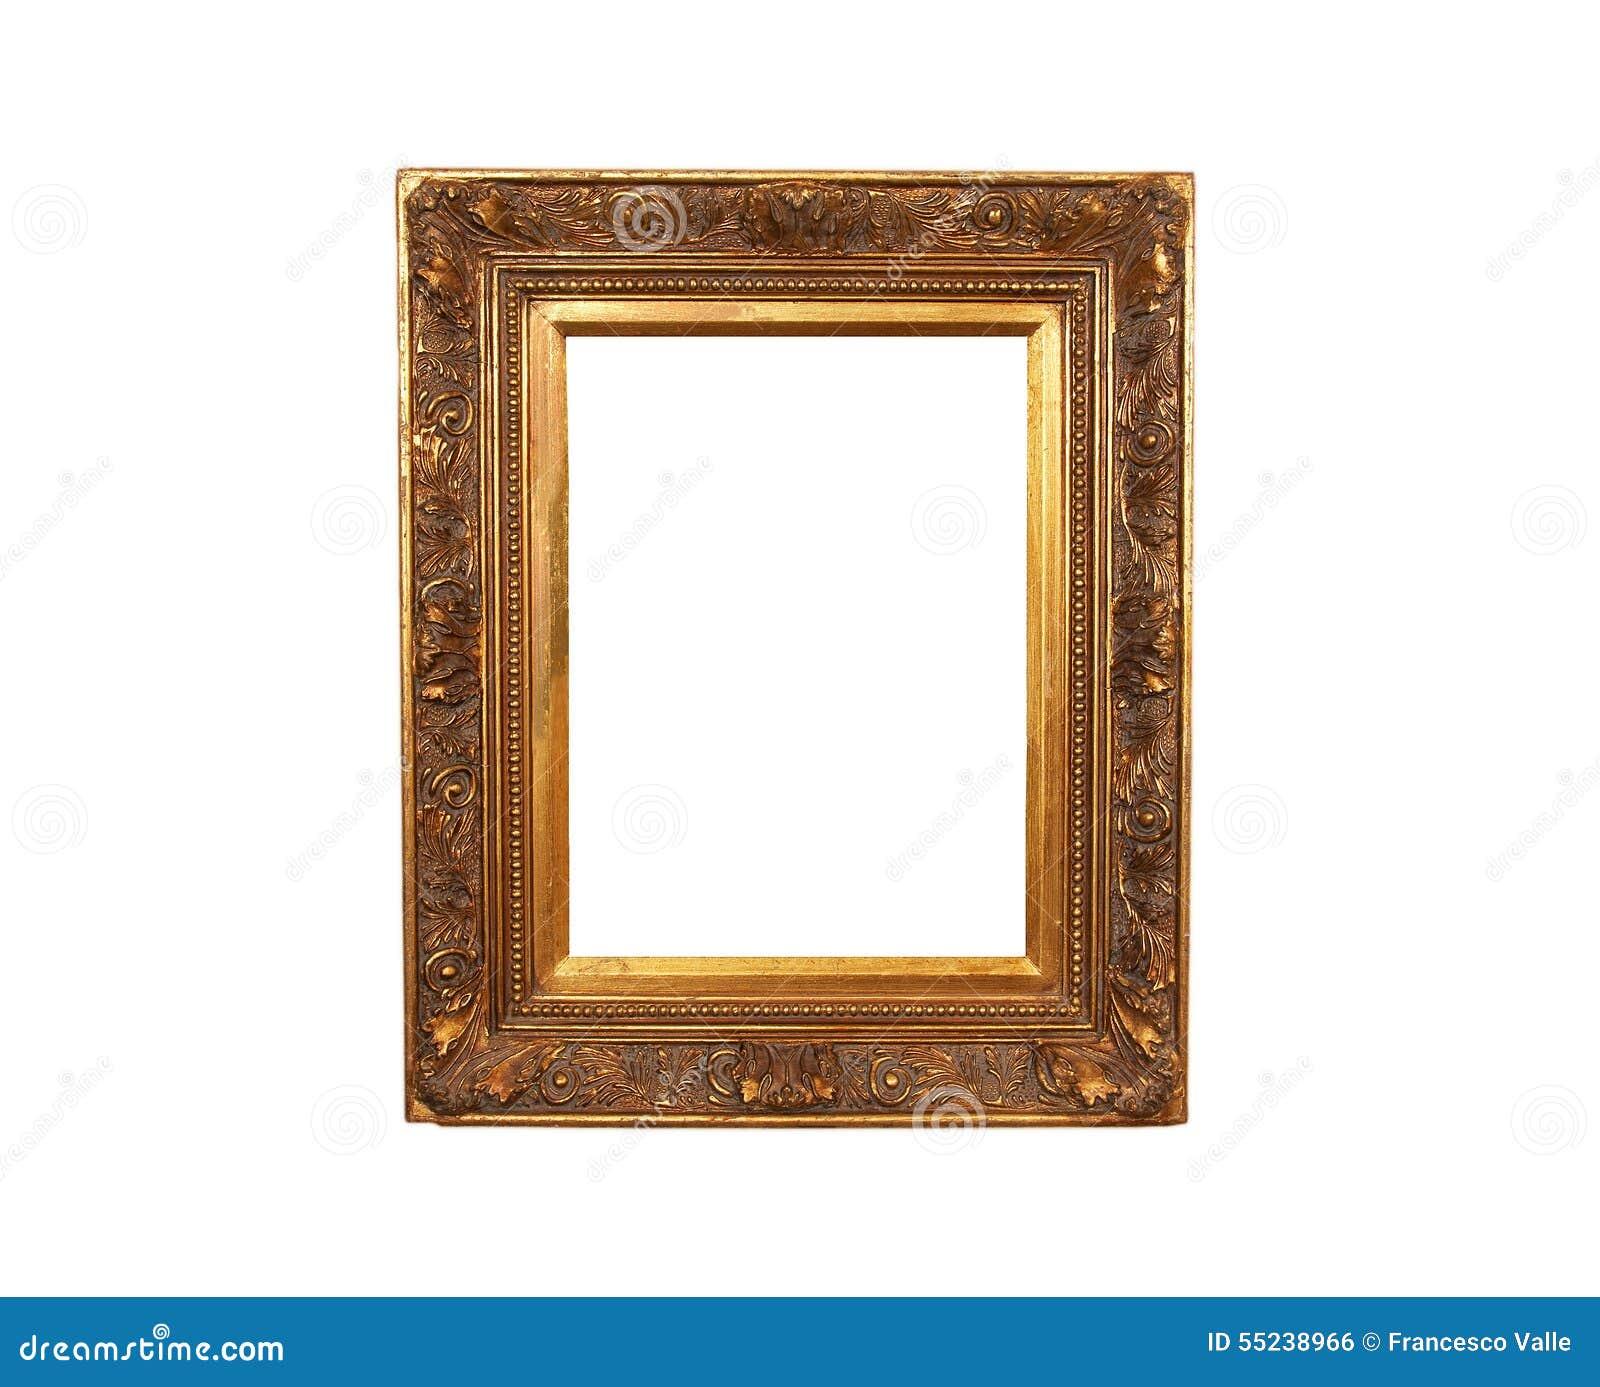 Altes Französisches Gold Gemalter Hölzerner Rahmen Stockfoto - Bild ...